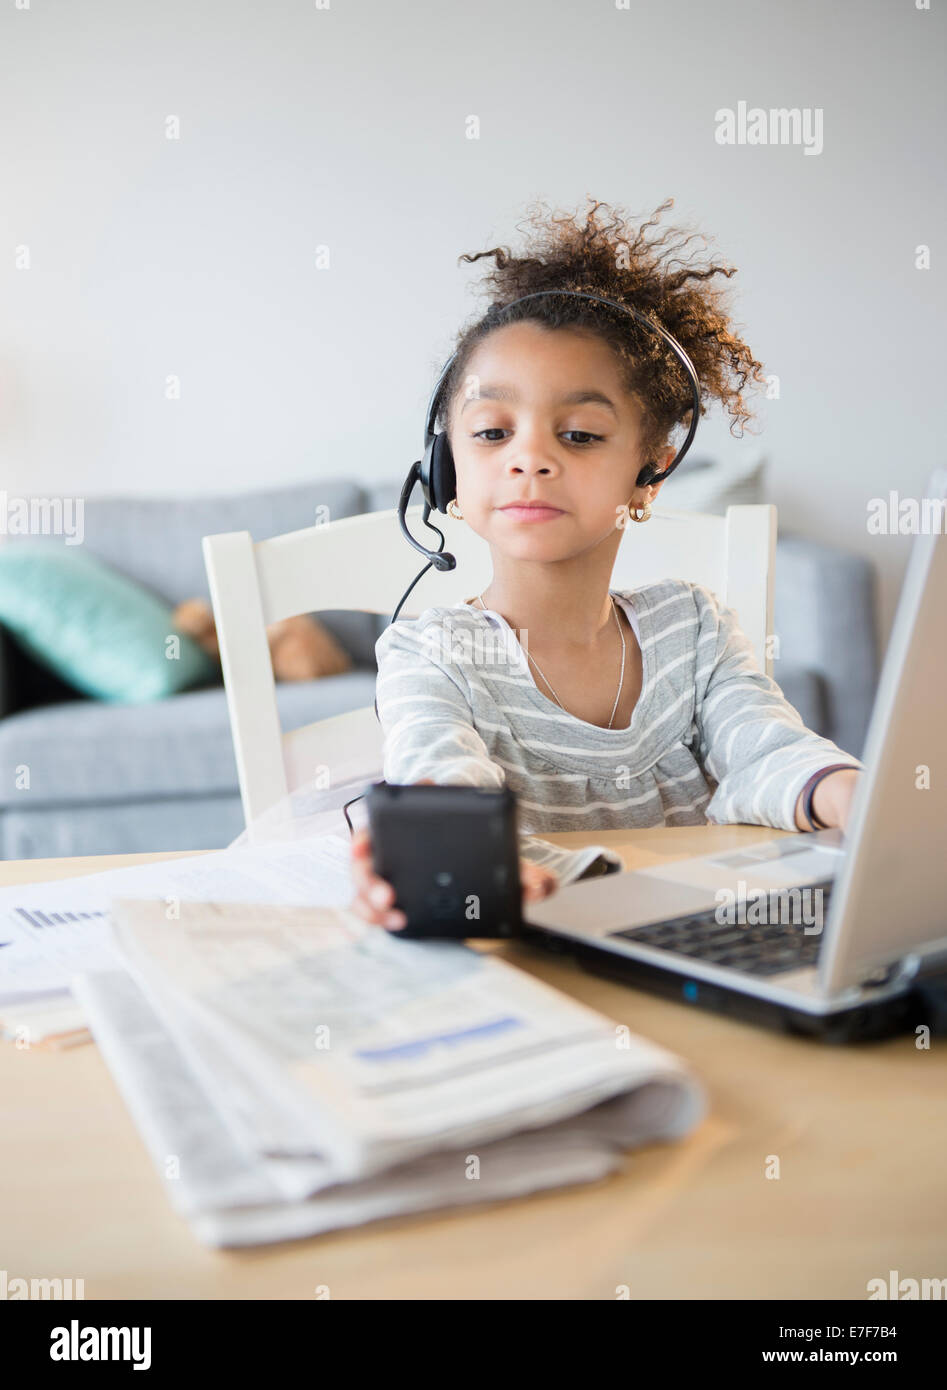 African American Girl utilizzando le cuffie, il telefono cellulare e il computer portatile Foto Stock